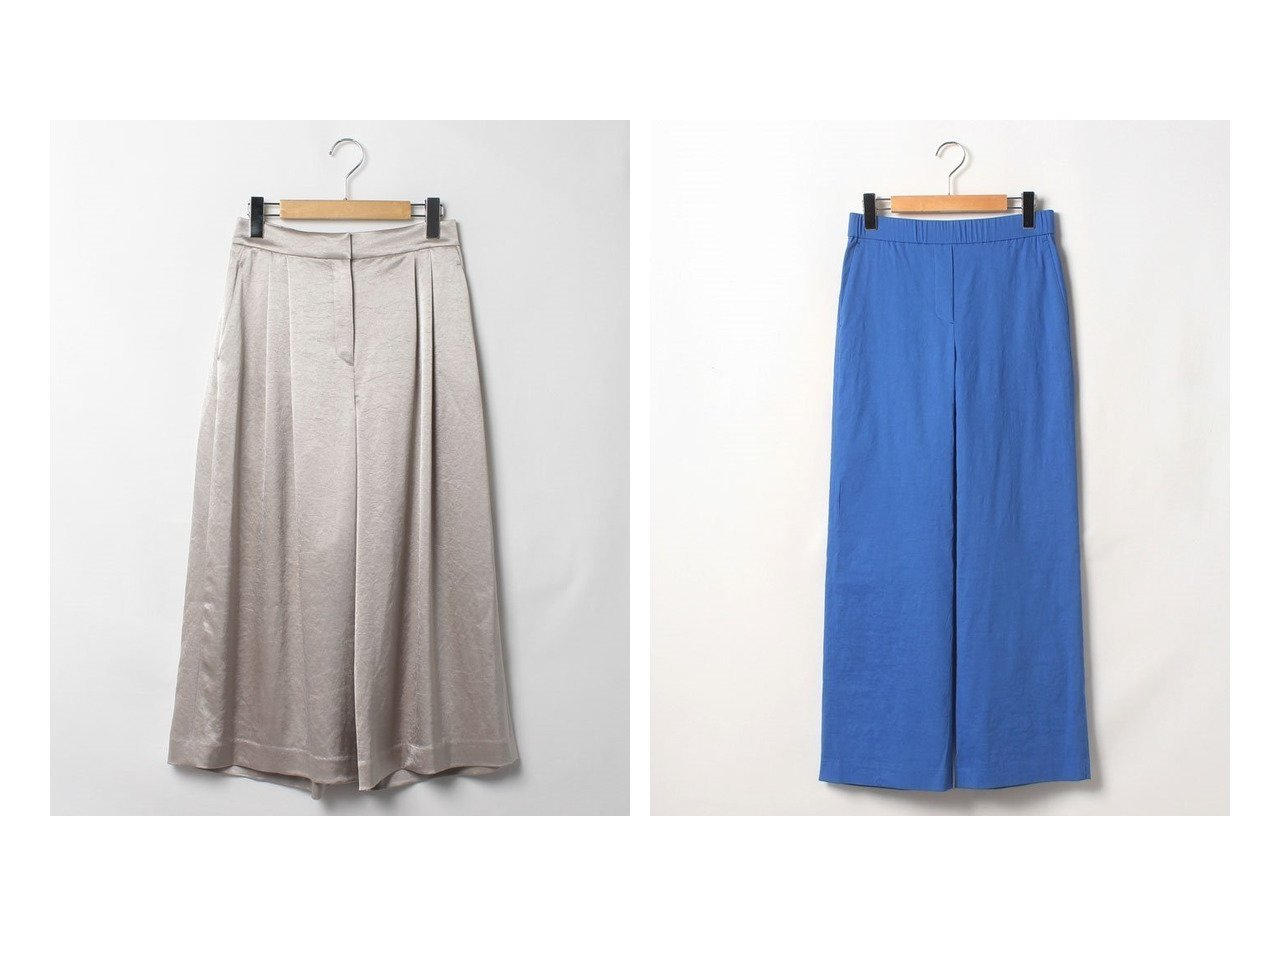 【Theory Luxe/セオリーリュクス】のパンツ CANAL POSEY&パンツ ECO CRUNCH W SAUL 【パンツ】おすすめ!人気、トレンド・レディースファッションの通販 おすすめで人気の流行・トレンド、ファッションの通販商品 インテリア・家具・メンズファッション・キッズファッション・レディースファッション・服の通販 founy(ファニー) https://founy.com/ ファッション Fashion レディースファッション WOMEN パンツ Pants サテン シルク ファブリック フェミニン ミモレ 吸水 NEW・新作・新着・新入荷 New Arrivals フィット フロント ワイド |ID:crp329100000049385